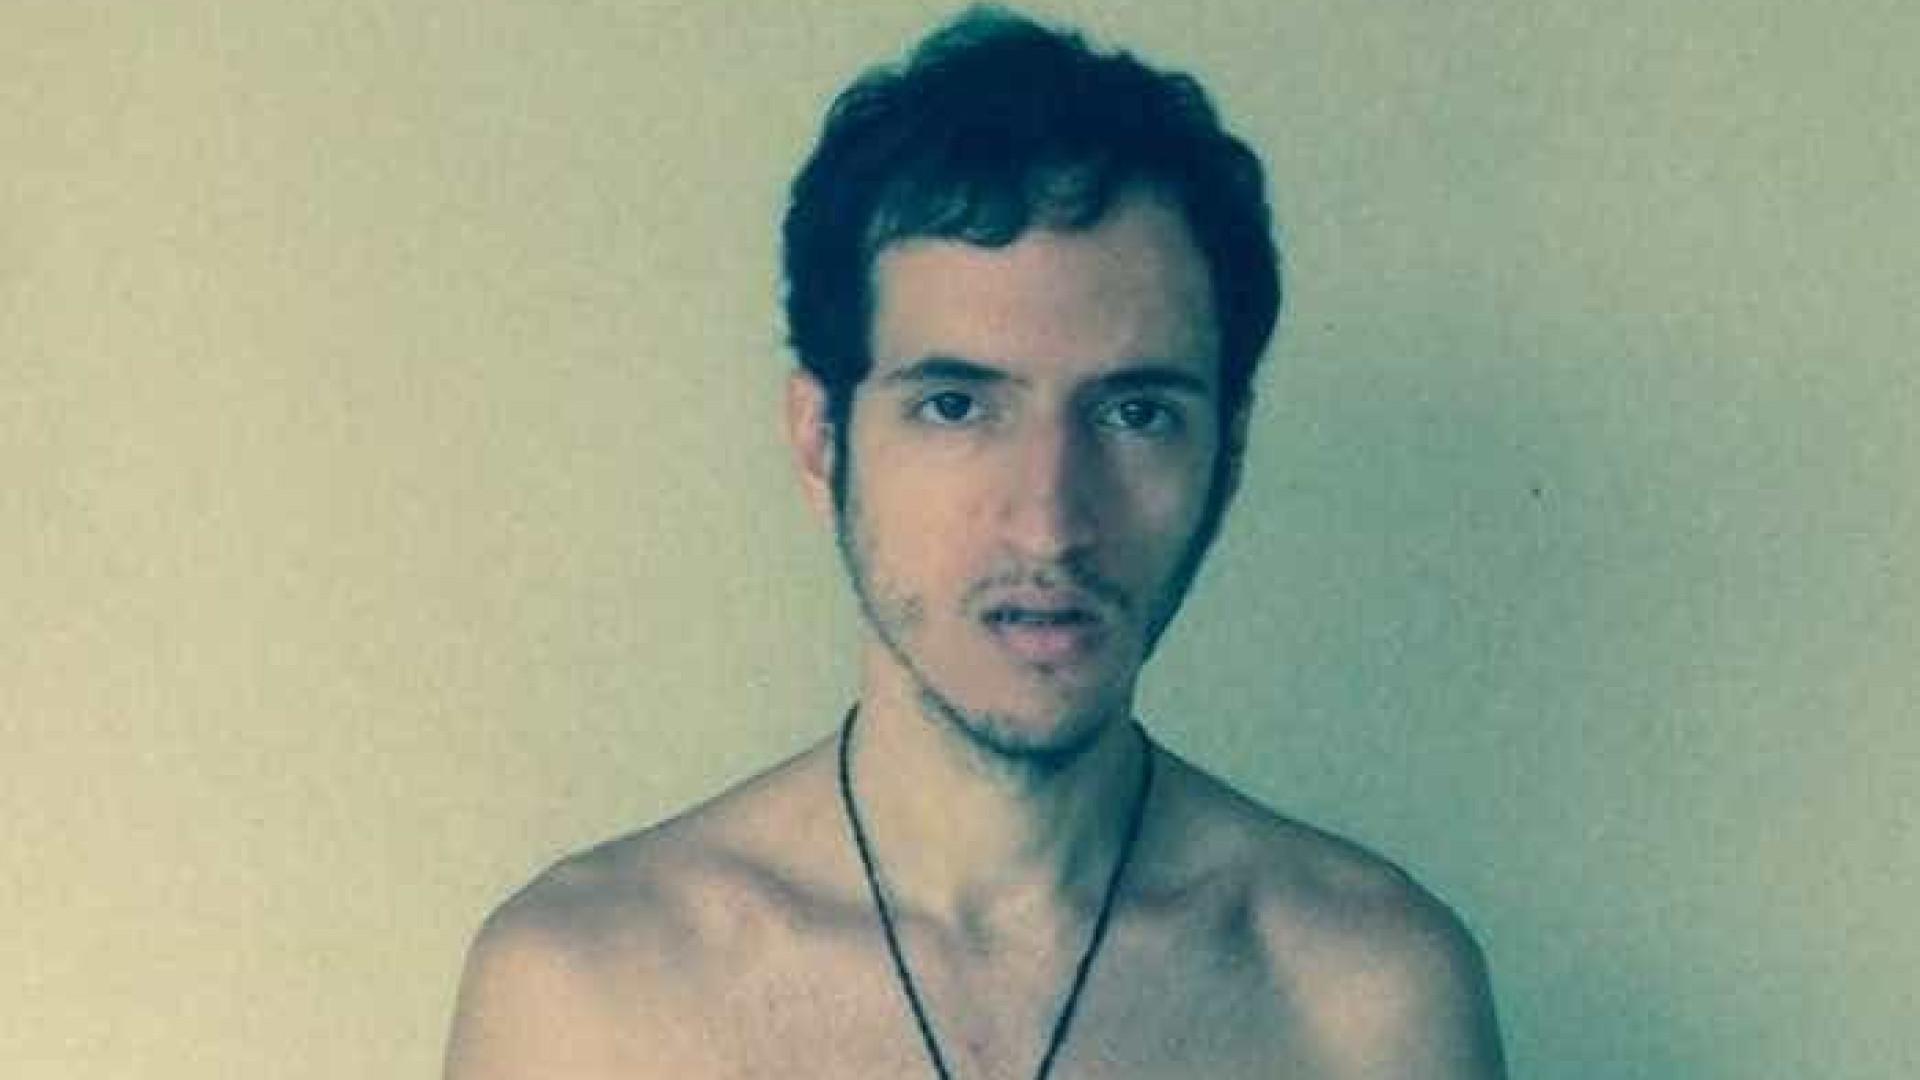 Menino do Acre reaparece: 'Não parava de chorar', diz mãe